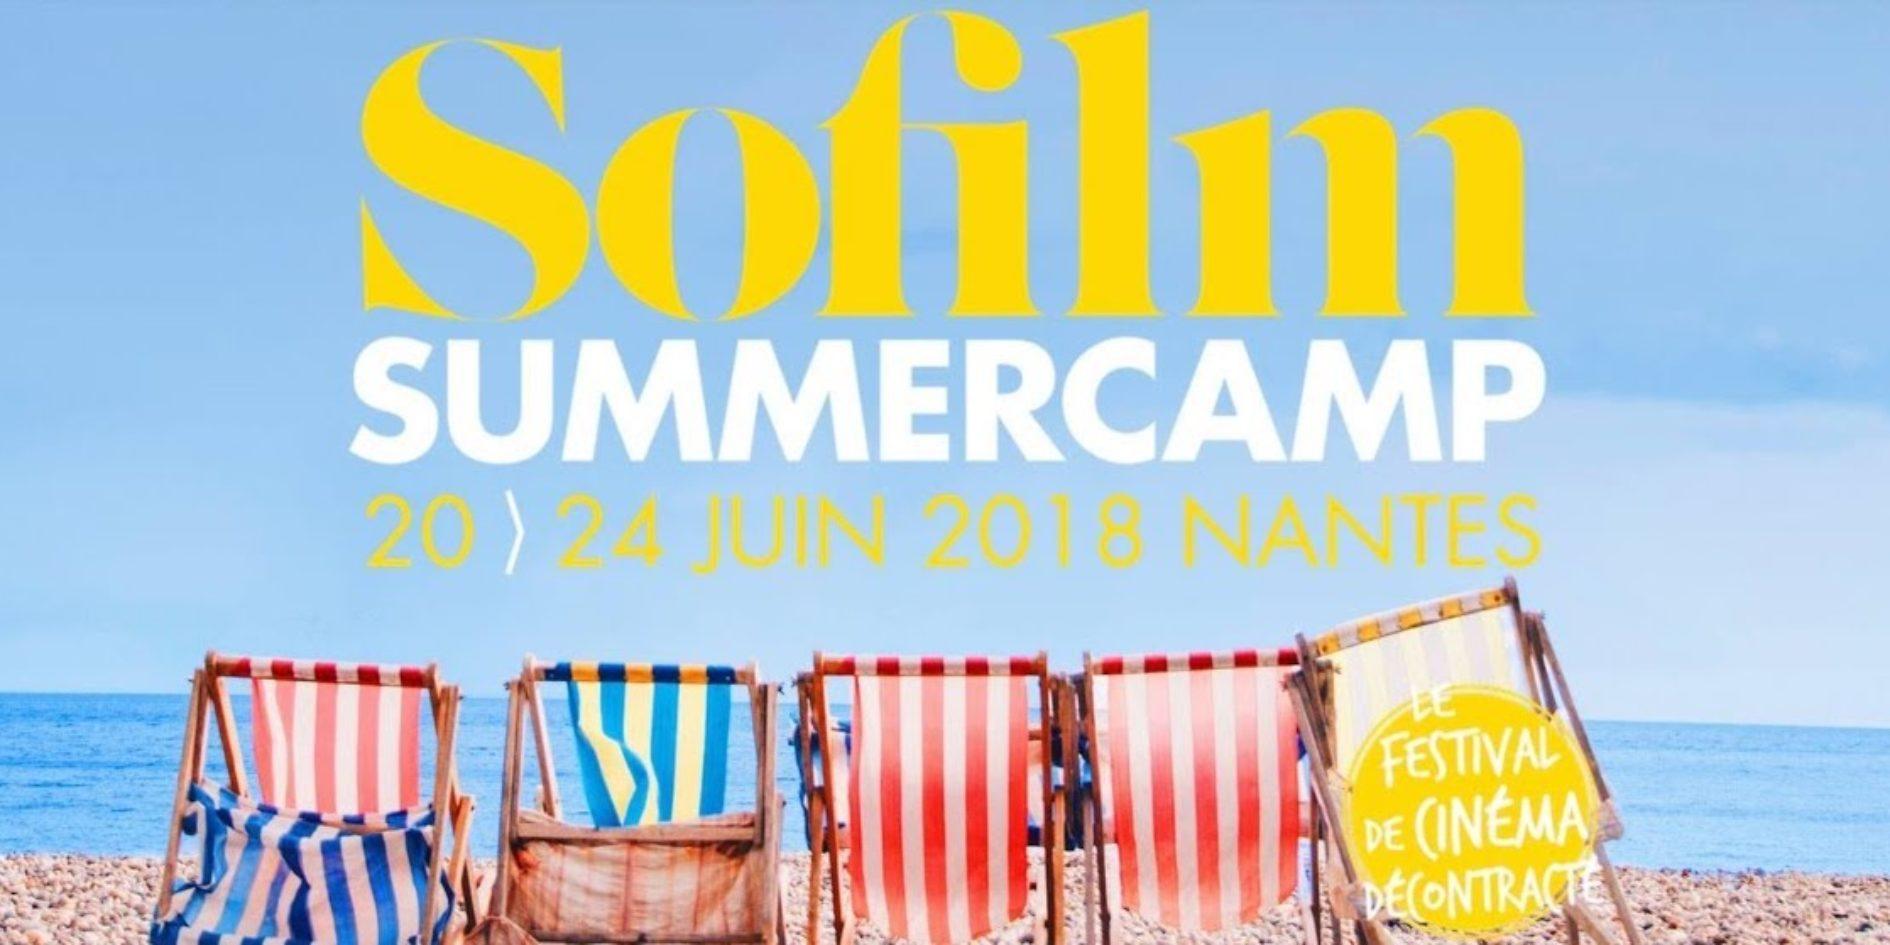 sofilm summercamp 2018